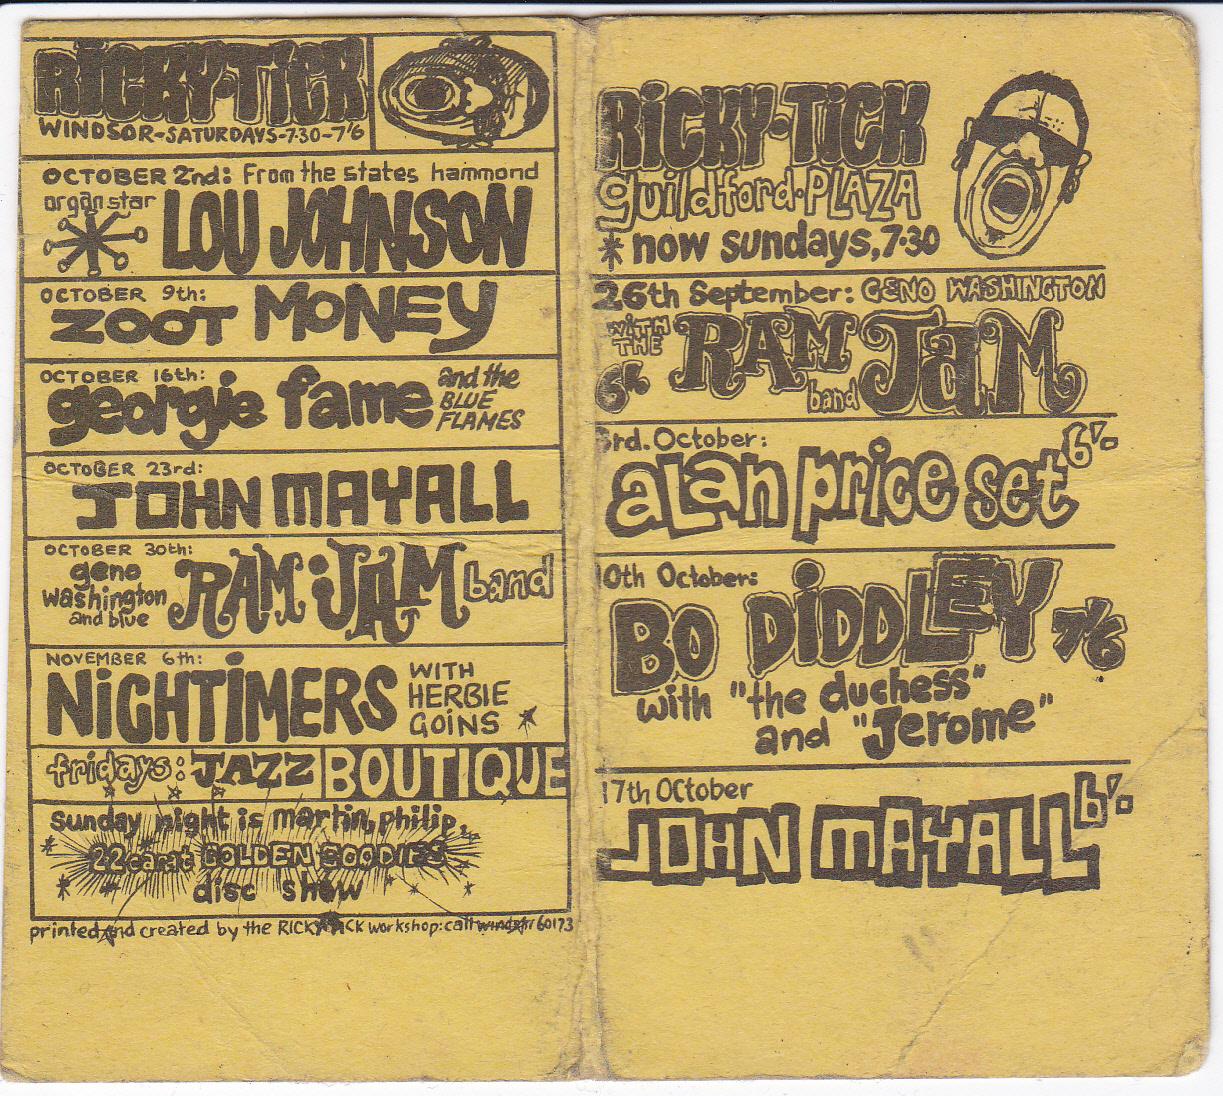 http://4.bp.blogspot.com/-KZJgx-w2d0s/T-IS7wMddVI/AAAAAAAABHg/5DRajRXqO1U/s1600/Ricky+Tick+Club+1965+Bo+Diddley+Georgie+Fame.jpg